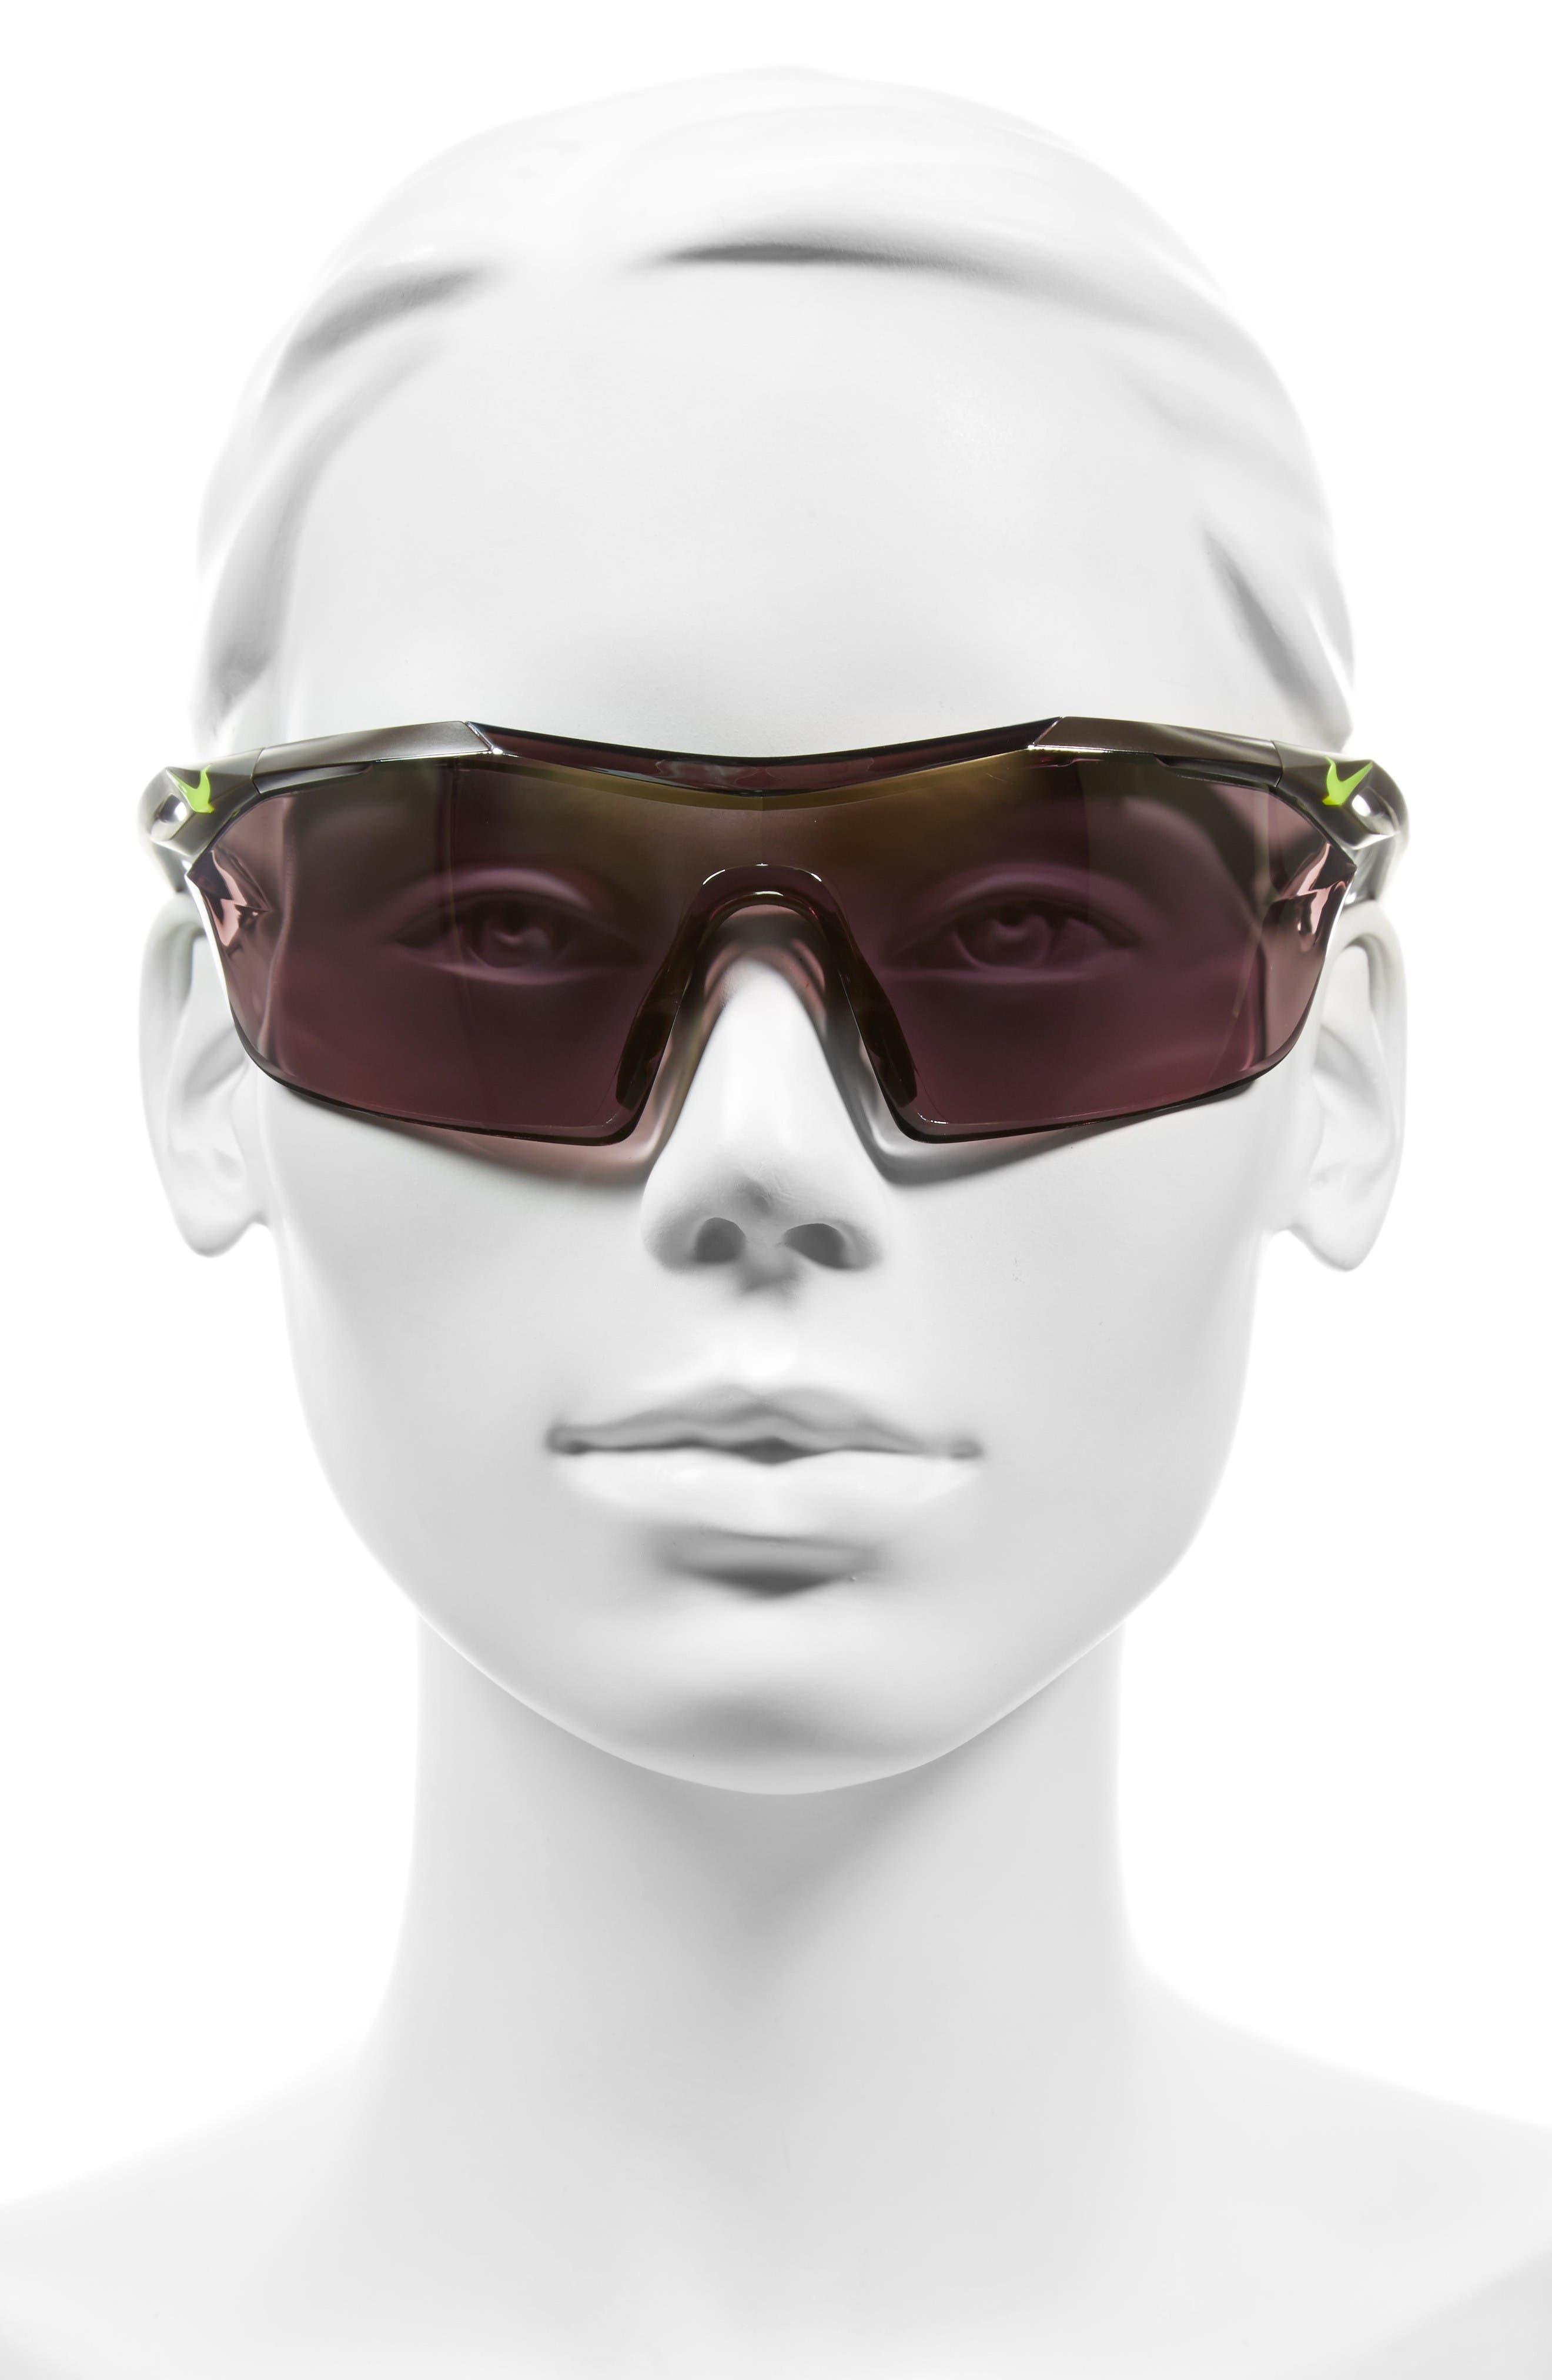 Vaporwing Elite 90mm Running Sunglasses,                             Alternate thumbnail 2, color,                             Cargo Khaki/ Volt